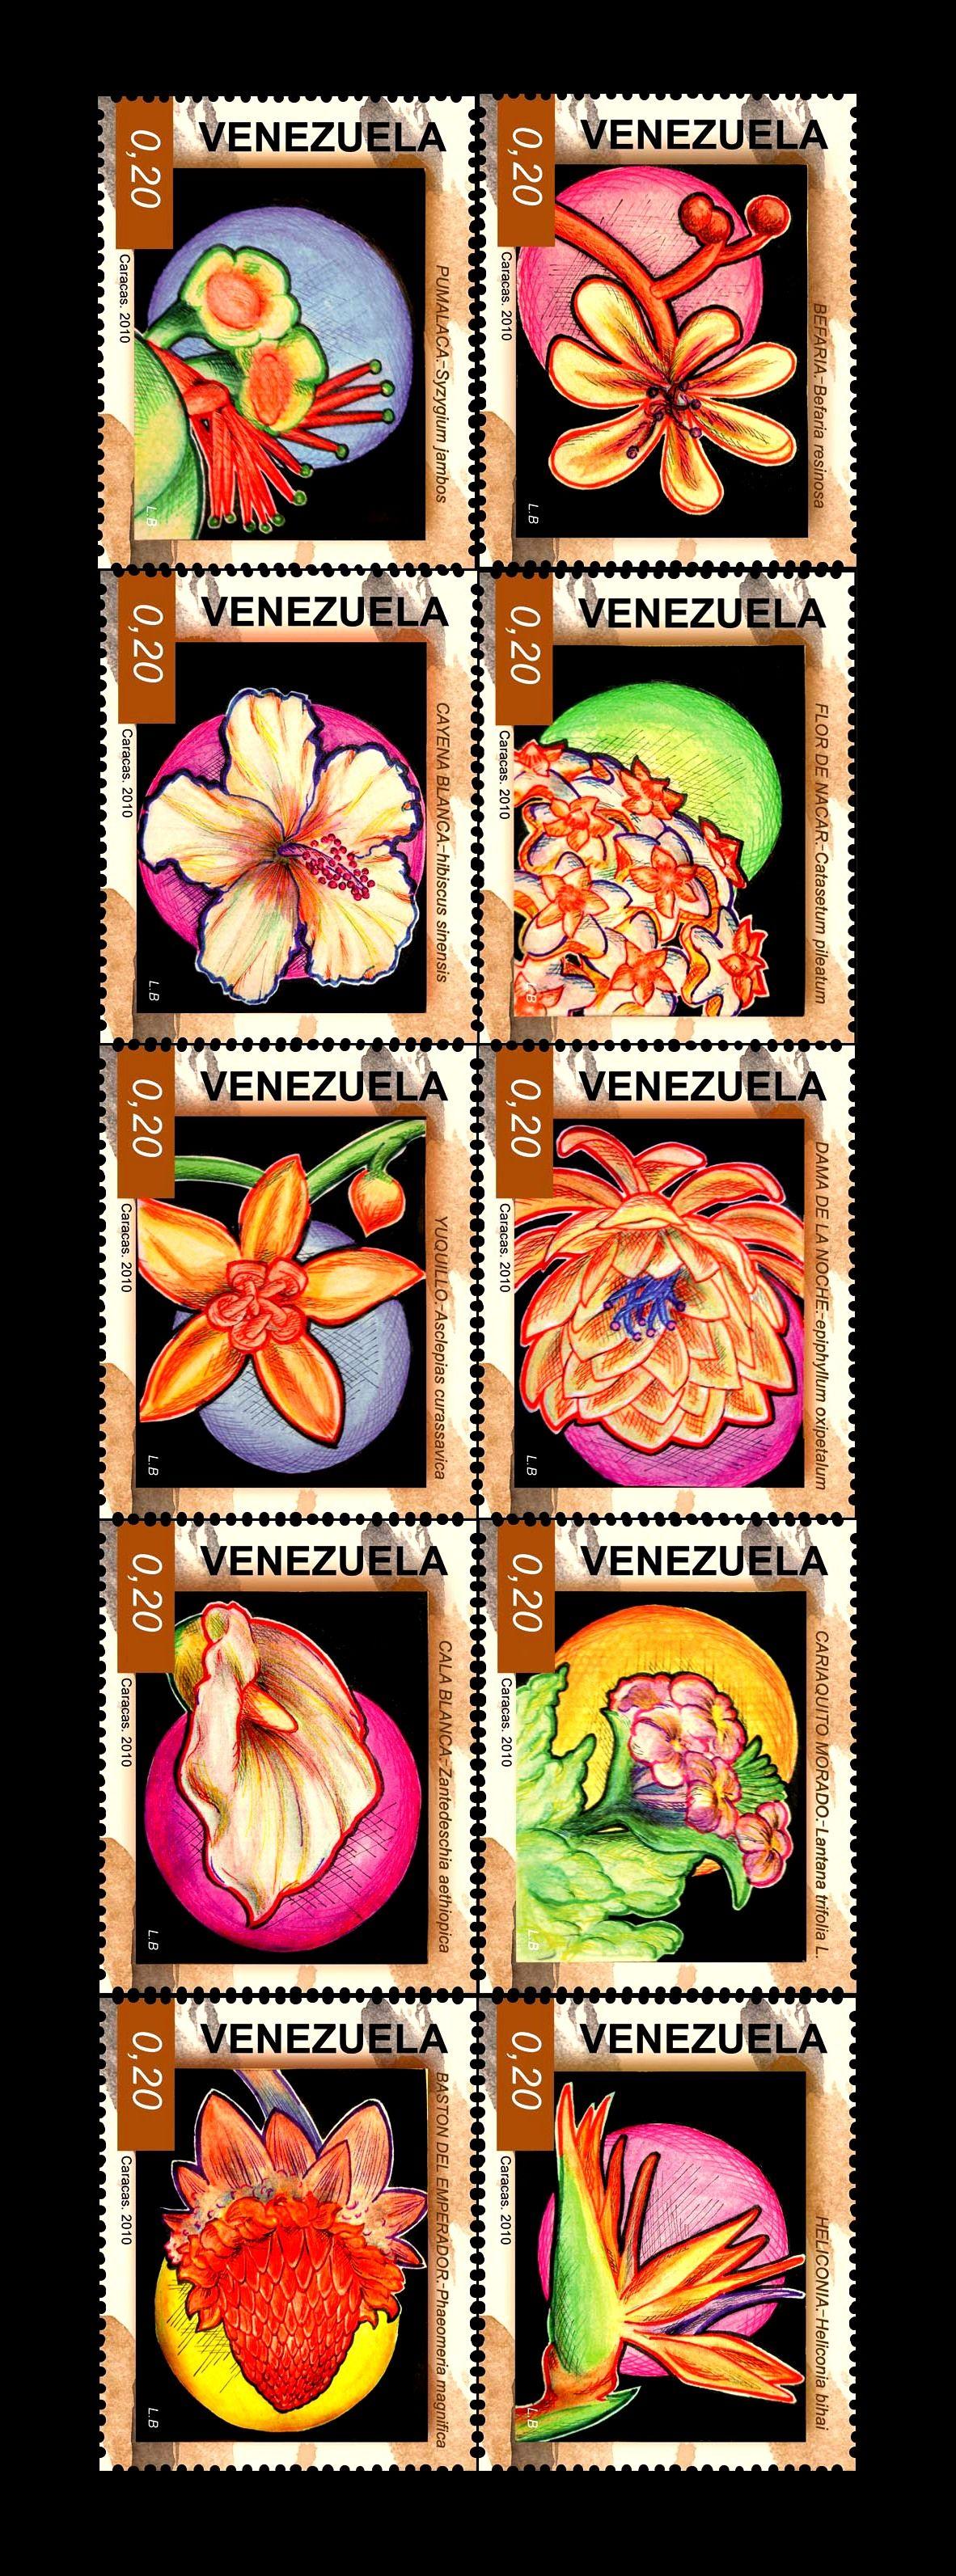 """Estampillas Flores típicas de Venezuela! CON PERMISO, LO COMPARTO EN MI TABLERO: """"LIBROS, POEMAS Y LETRAS DE CANCIONES DE JESÚS TORTOZA ACEVEDO"""". ¡CORDIAL SALUDO DESDE VALENCIA, EDO. CARABOBO..!"""